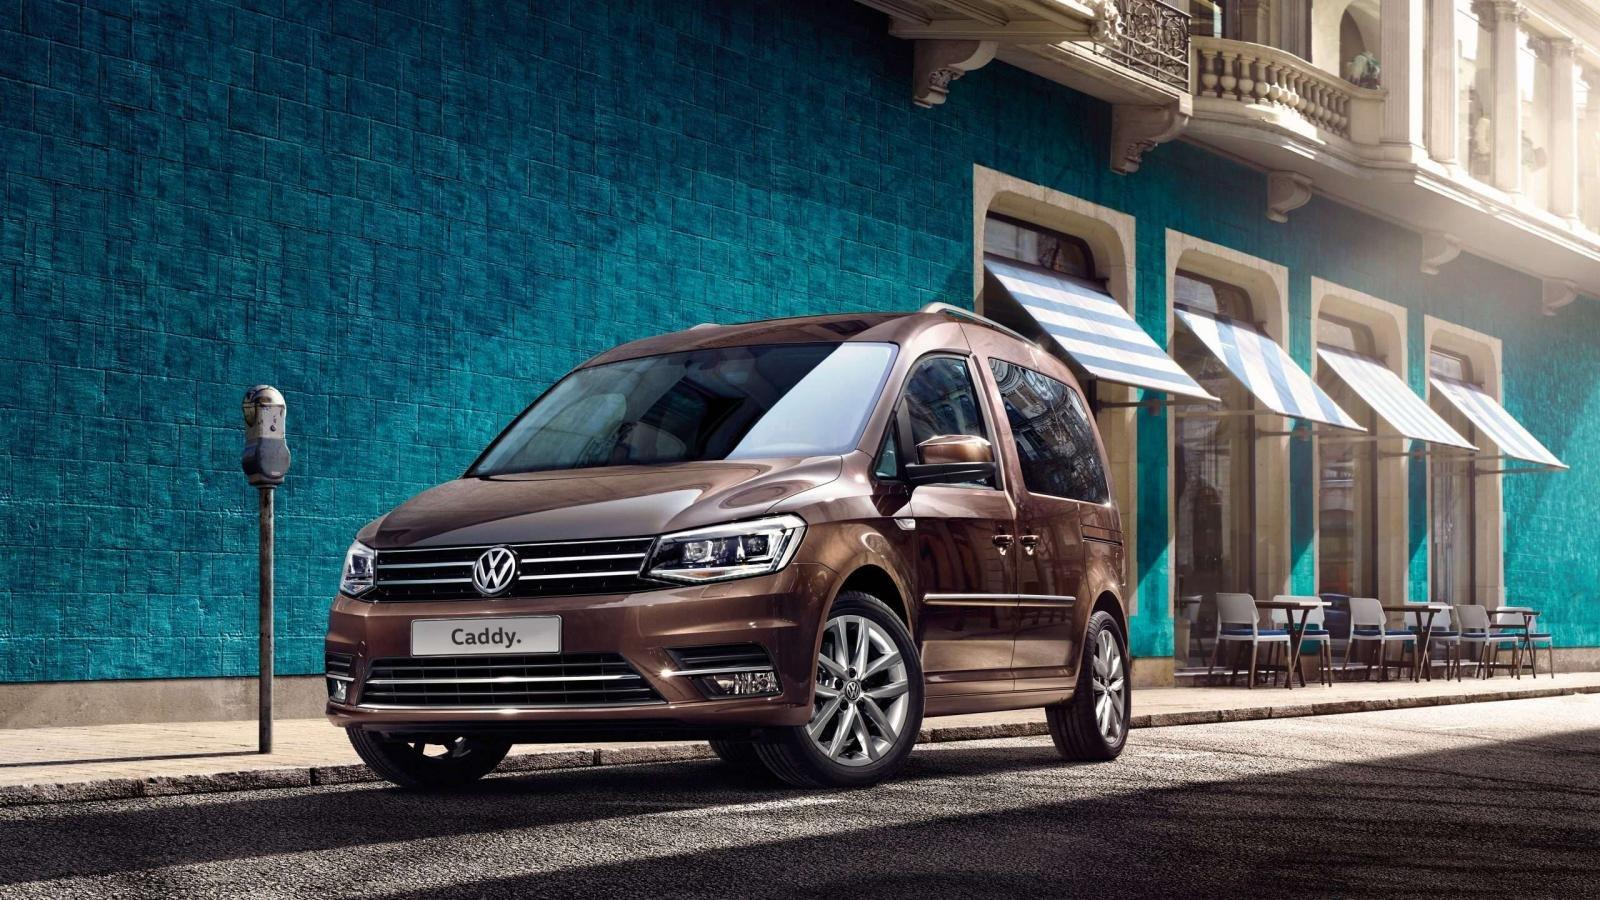 La Volkswagen Caddy está orientada al uso comercial